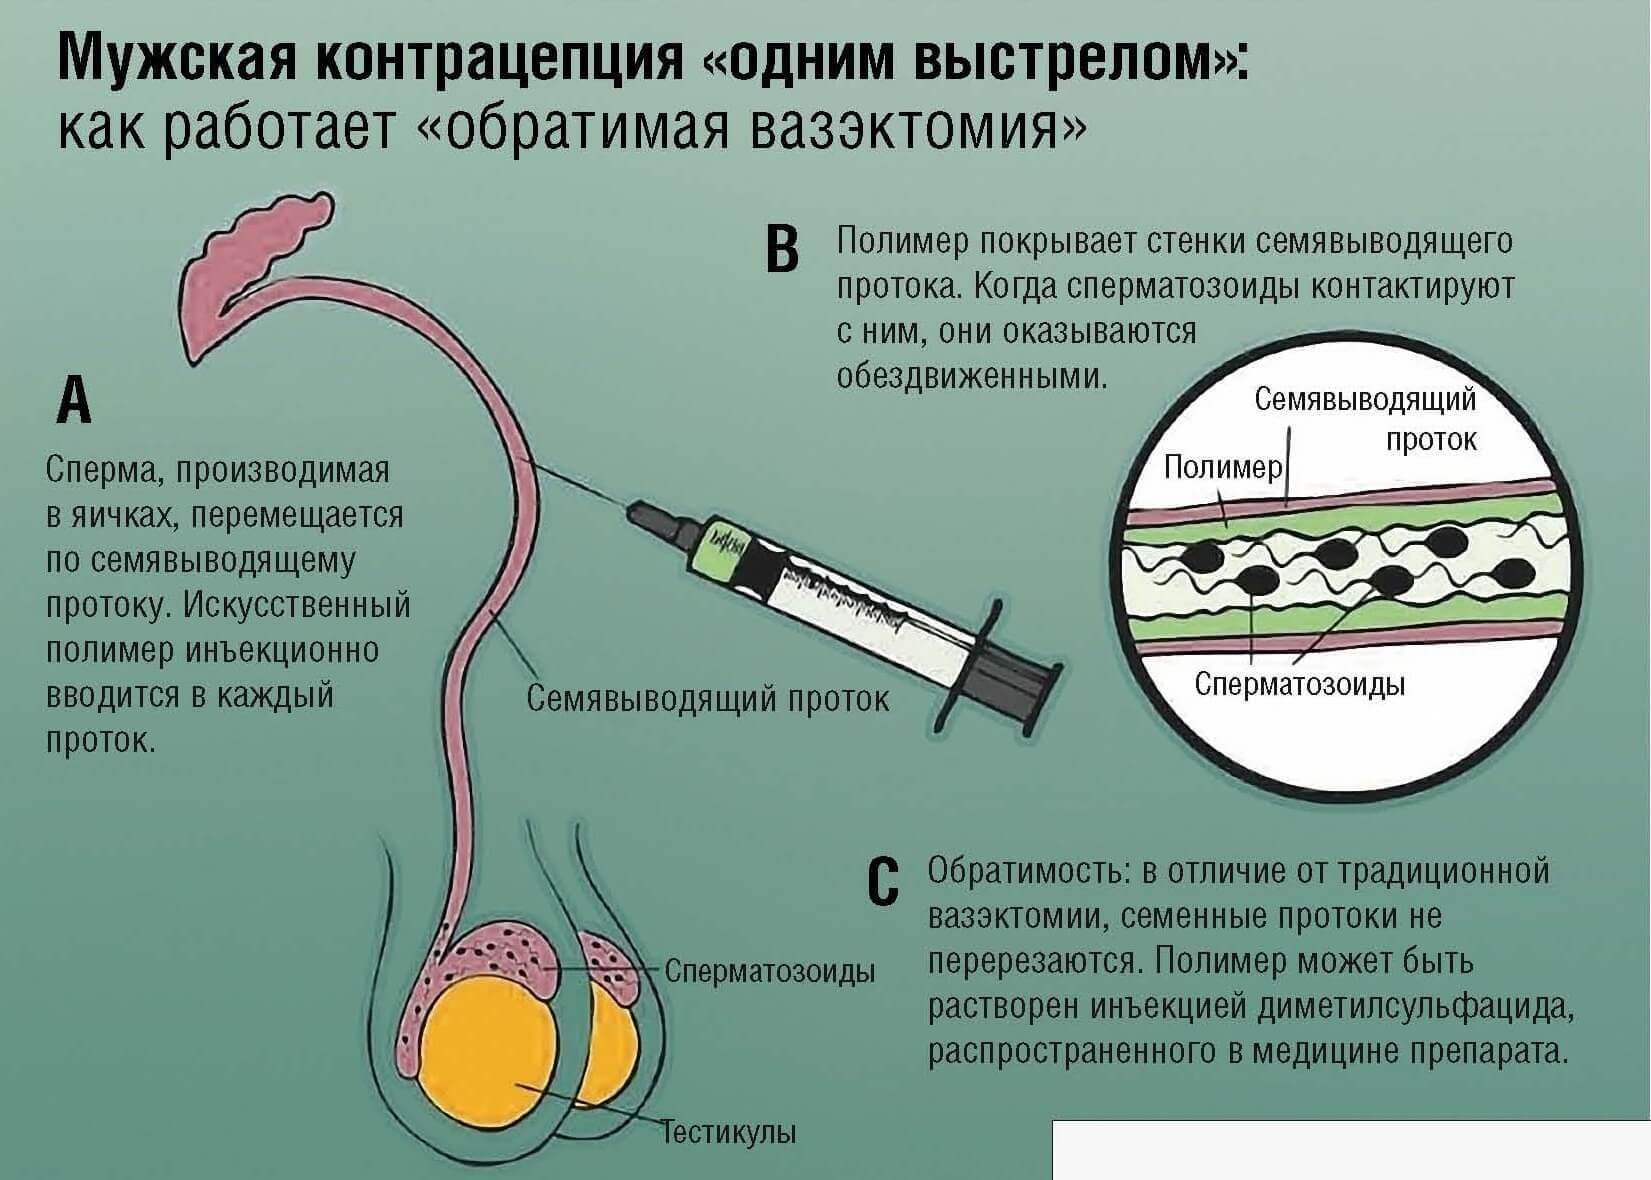 vremya-vosstanovleniya-spermi